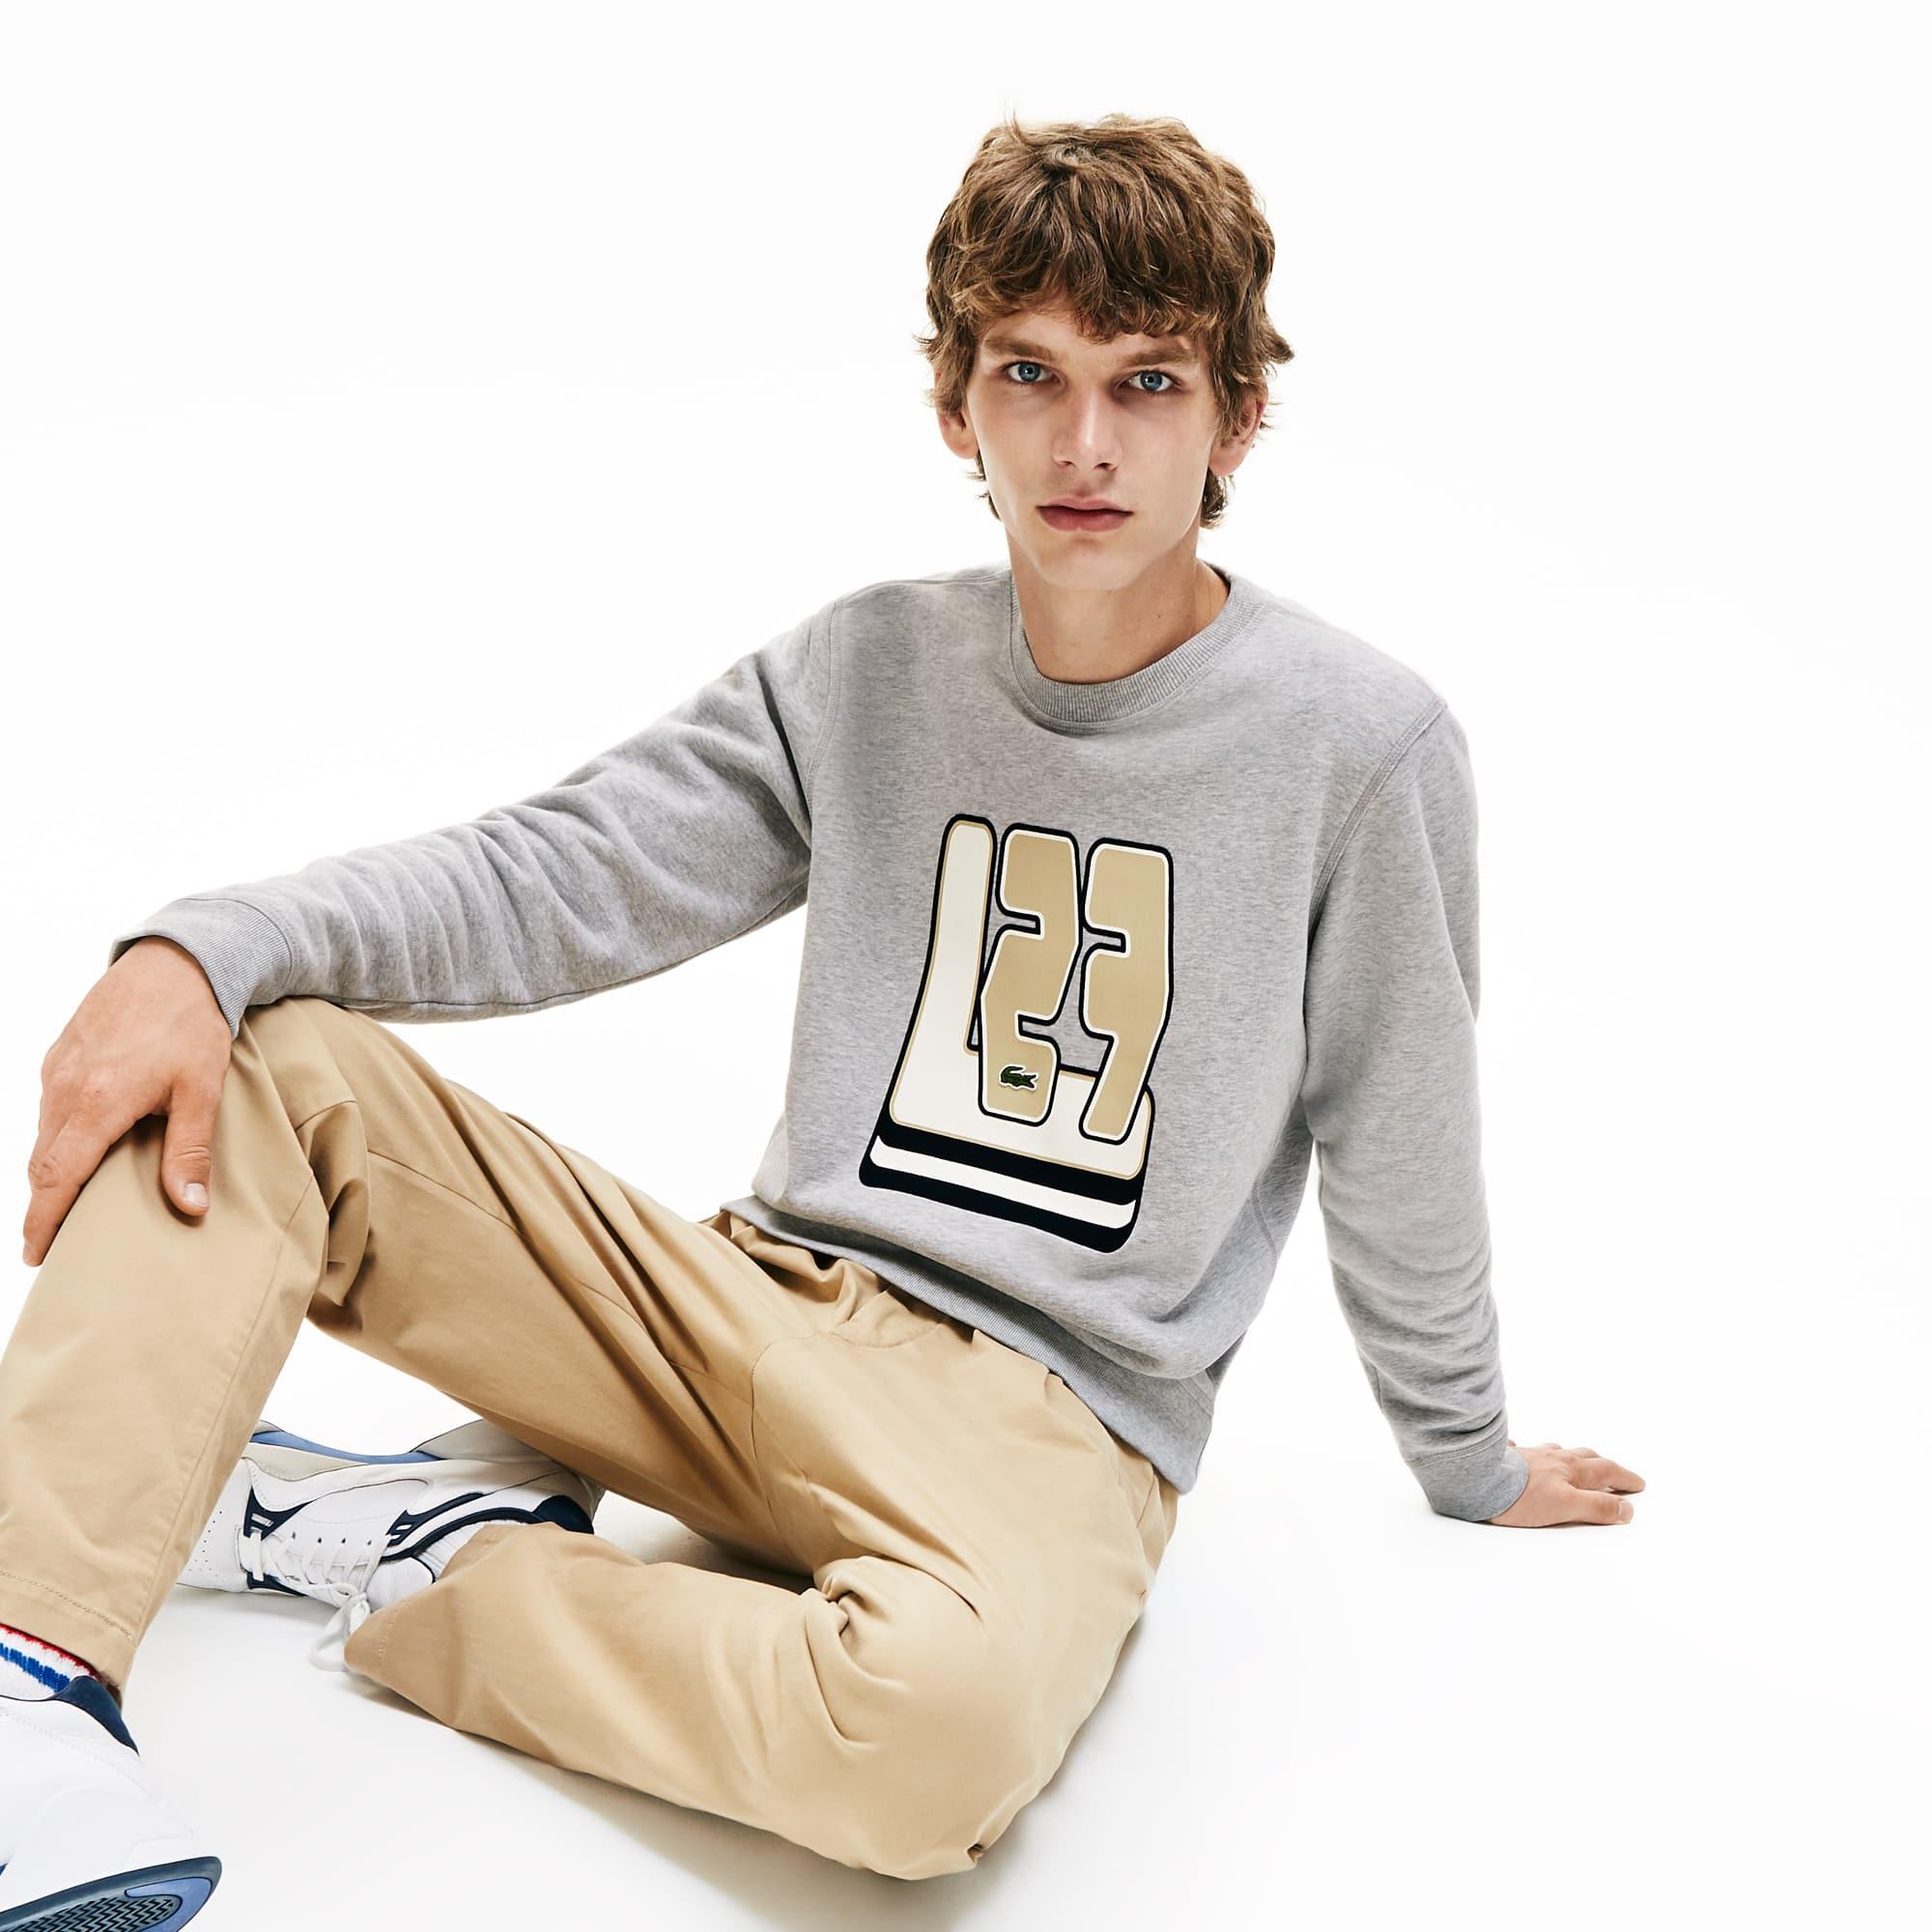 Lacoste Tops Men's Crewneck L27-Print Cotton Blend Sweatshirt